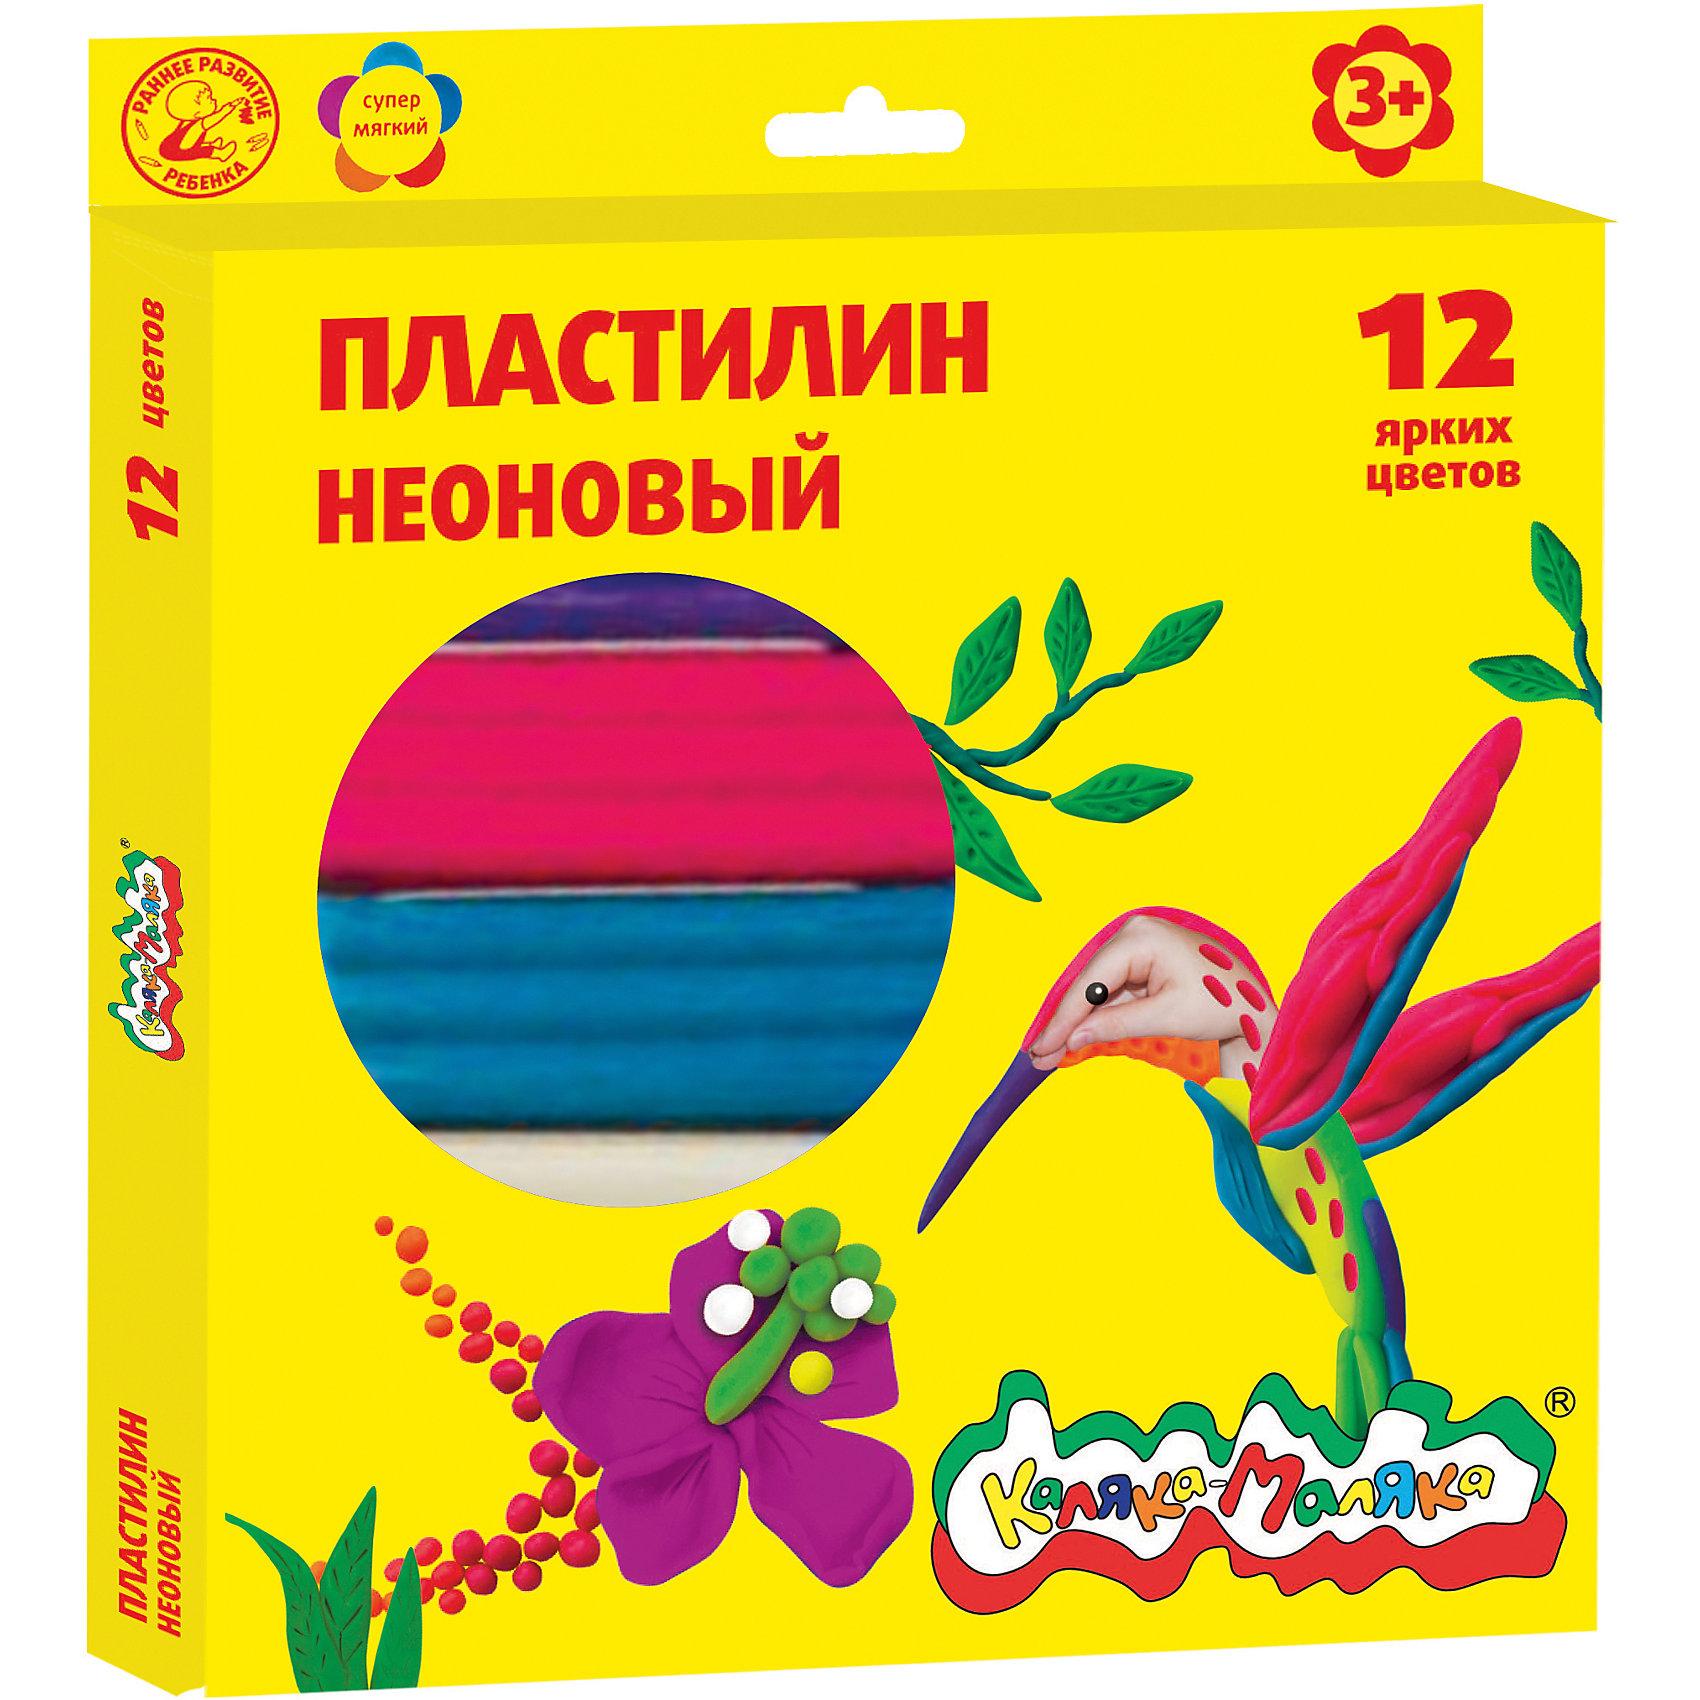 Пластилин неоновый 12 цветов  со стекомЛепка<br>Неоновый пластилин Каляка-Маляка® 12 цветов<br><br><br><br>Каляка-Маляка® расширяет линейку пластилина новинкой – супермягким пластилином неоновых цветов. Это самые яркие расцветки пластилина на сегодняшний день. Чистые, насыщенные оттенки делают поделку по-настоящему красивой и эффектной. <br>• Цвета максимально яркие,  благодаря добавлению специальных пигментов.<br>• Пластилин мягкий, благодаря добавлению воска. Детям легко и удобно с ним работать.<br>• Способствует развитию мелкой моторики, творческого воображения, а также изучению цветовых оттенков. Цвета легко смешиваются<br>• Упаковка с увеличенным окном – яркие цвета пластилина наглядно показаны покупателю<br>• Нетоксичен<br>• В наборе стек, необходимый для рисования и оформления красивых поделок.<br><br>Ширина мм: 155<br>Глубина мм: 190<br>Высота мм: 12<br>Вес г: 180<br>Возраст от месяцев: 36<br>Возраст до месяцев: 120<br>Пол: Унисекс<br>Возраст: Детский<br>SKU: 5269810